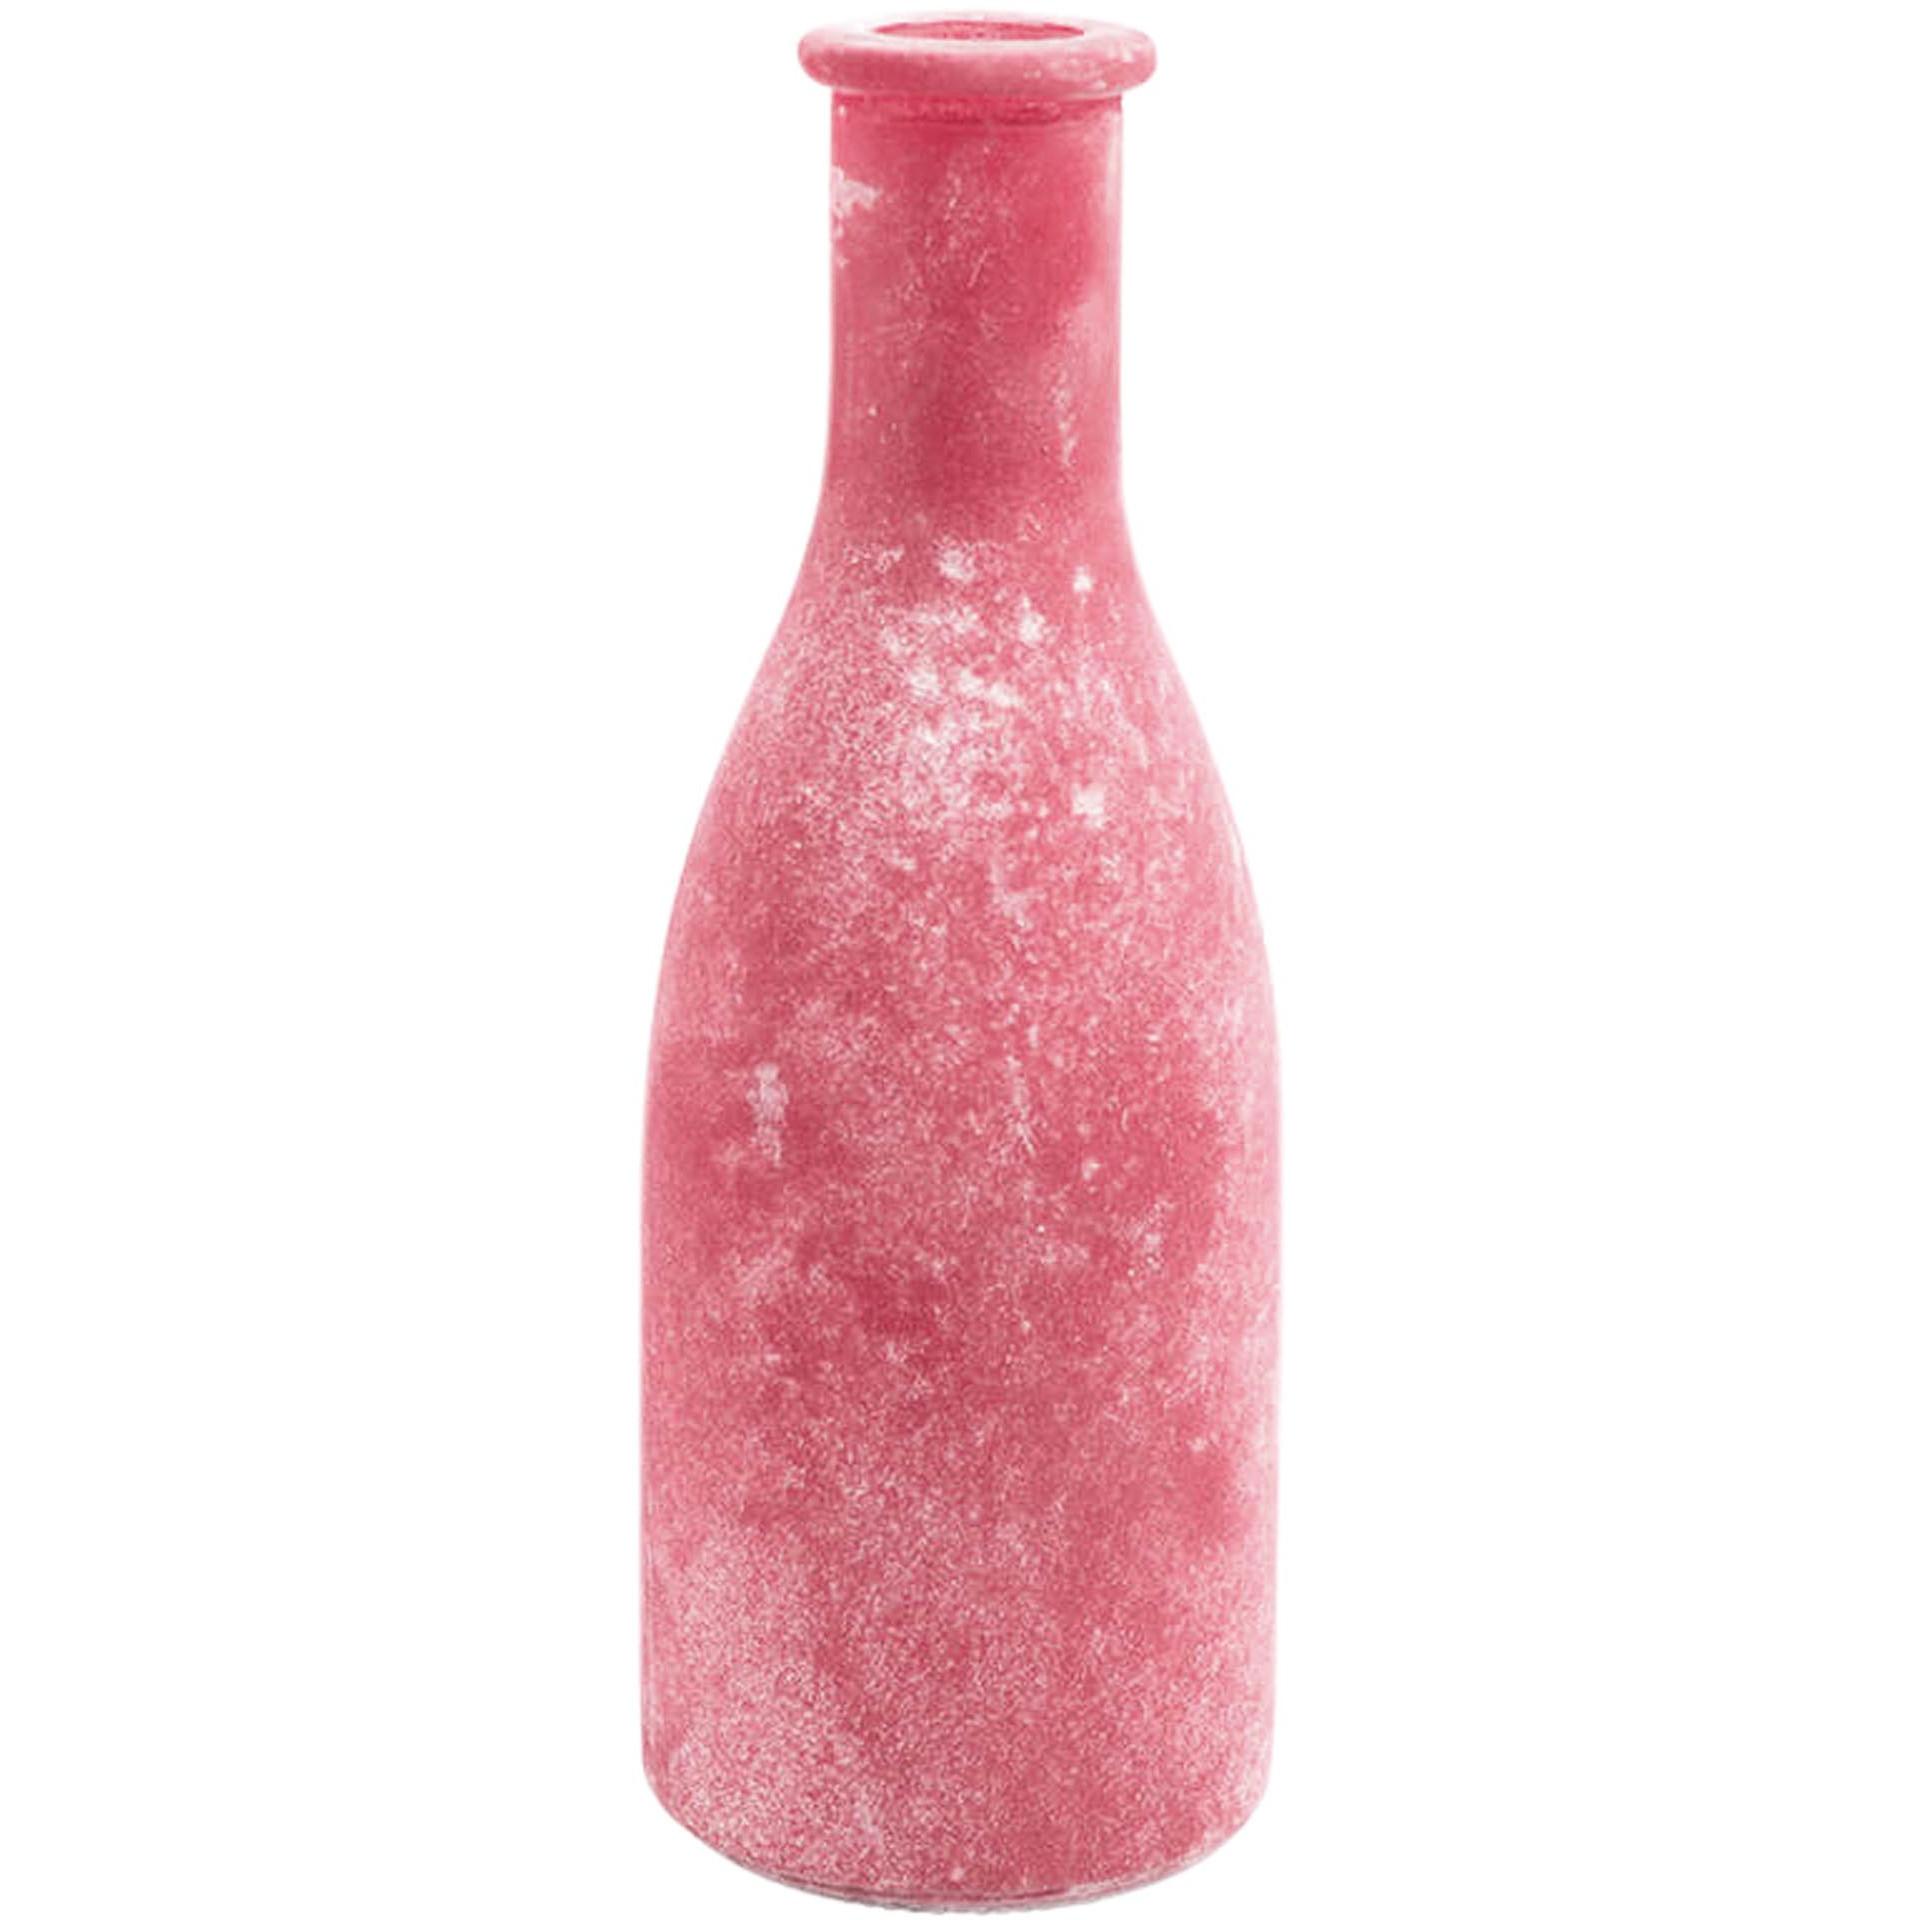 Vase Vintage Rose Deko Restaurantbedarf Hotel Restaurantzubehor Kuchenzubehor J Schaberger Online Shop